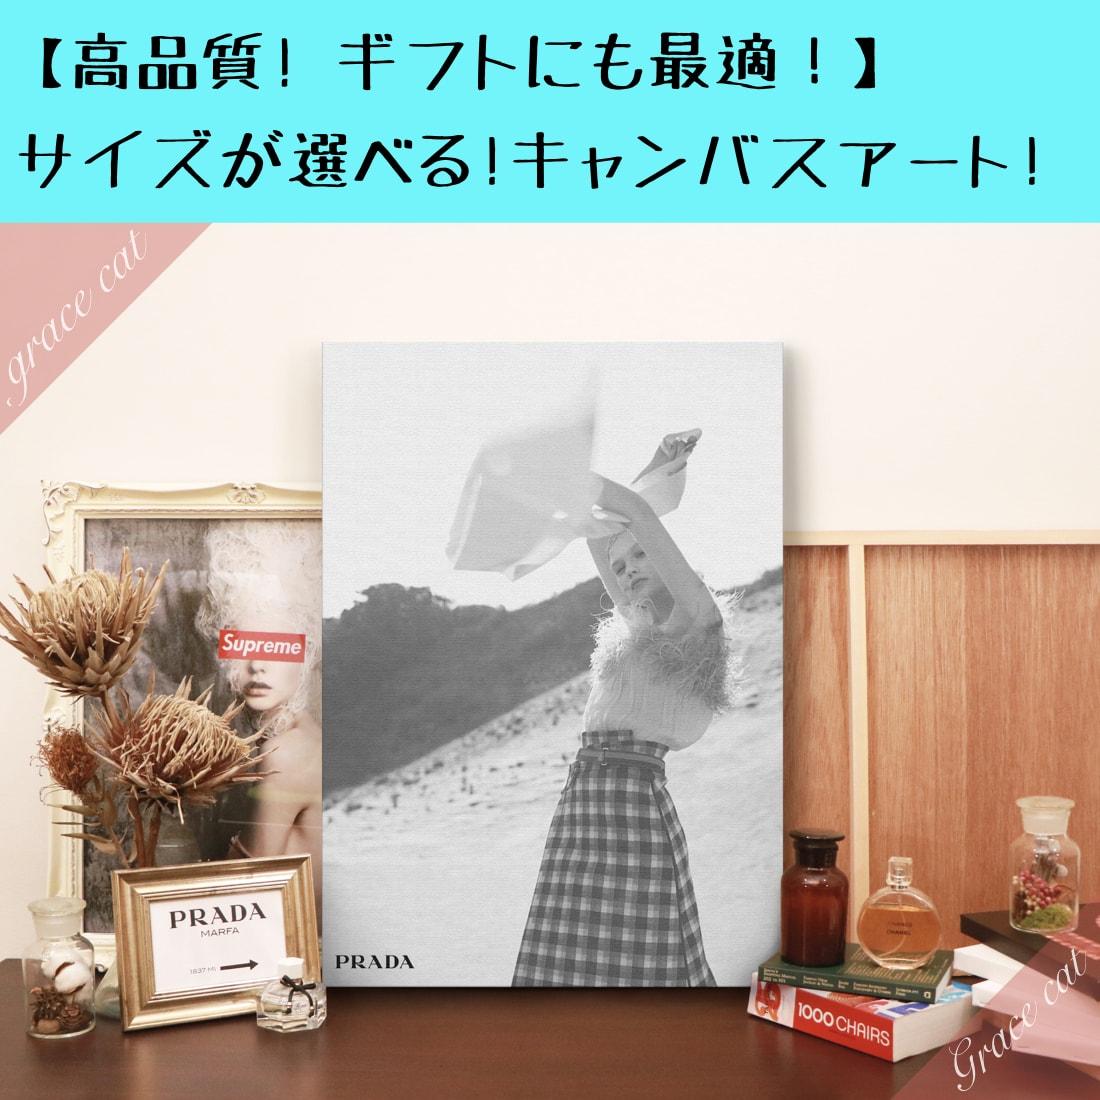 限定SALE!!【 Grace cat Art 】サイズが選べるキャンバスパネル アート 絵画 / アートパネル / アートポスター / グラフィック アート / インテリア アート / パロディアート / ギフト 【 オマージュモチーフ:PRADA / プラダ 】